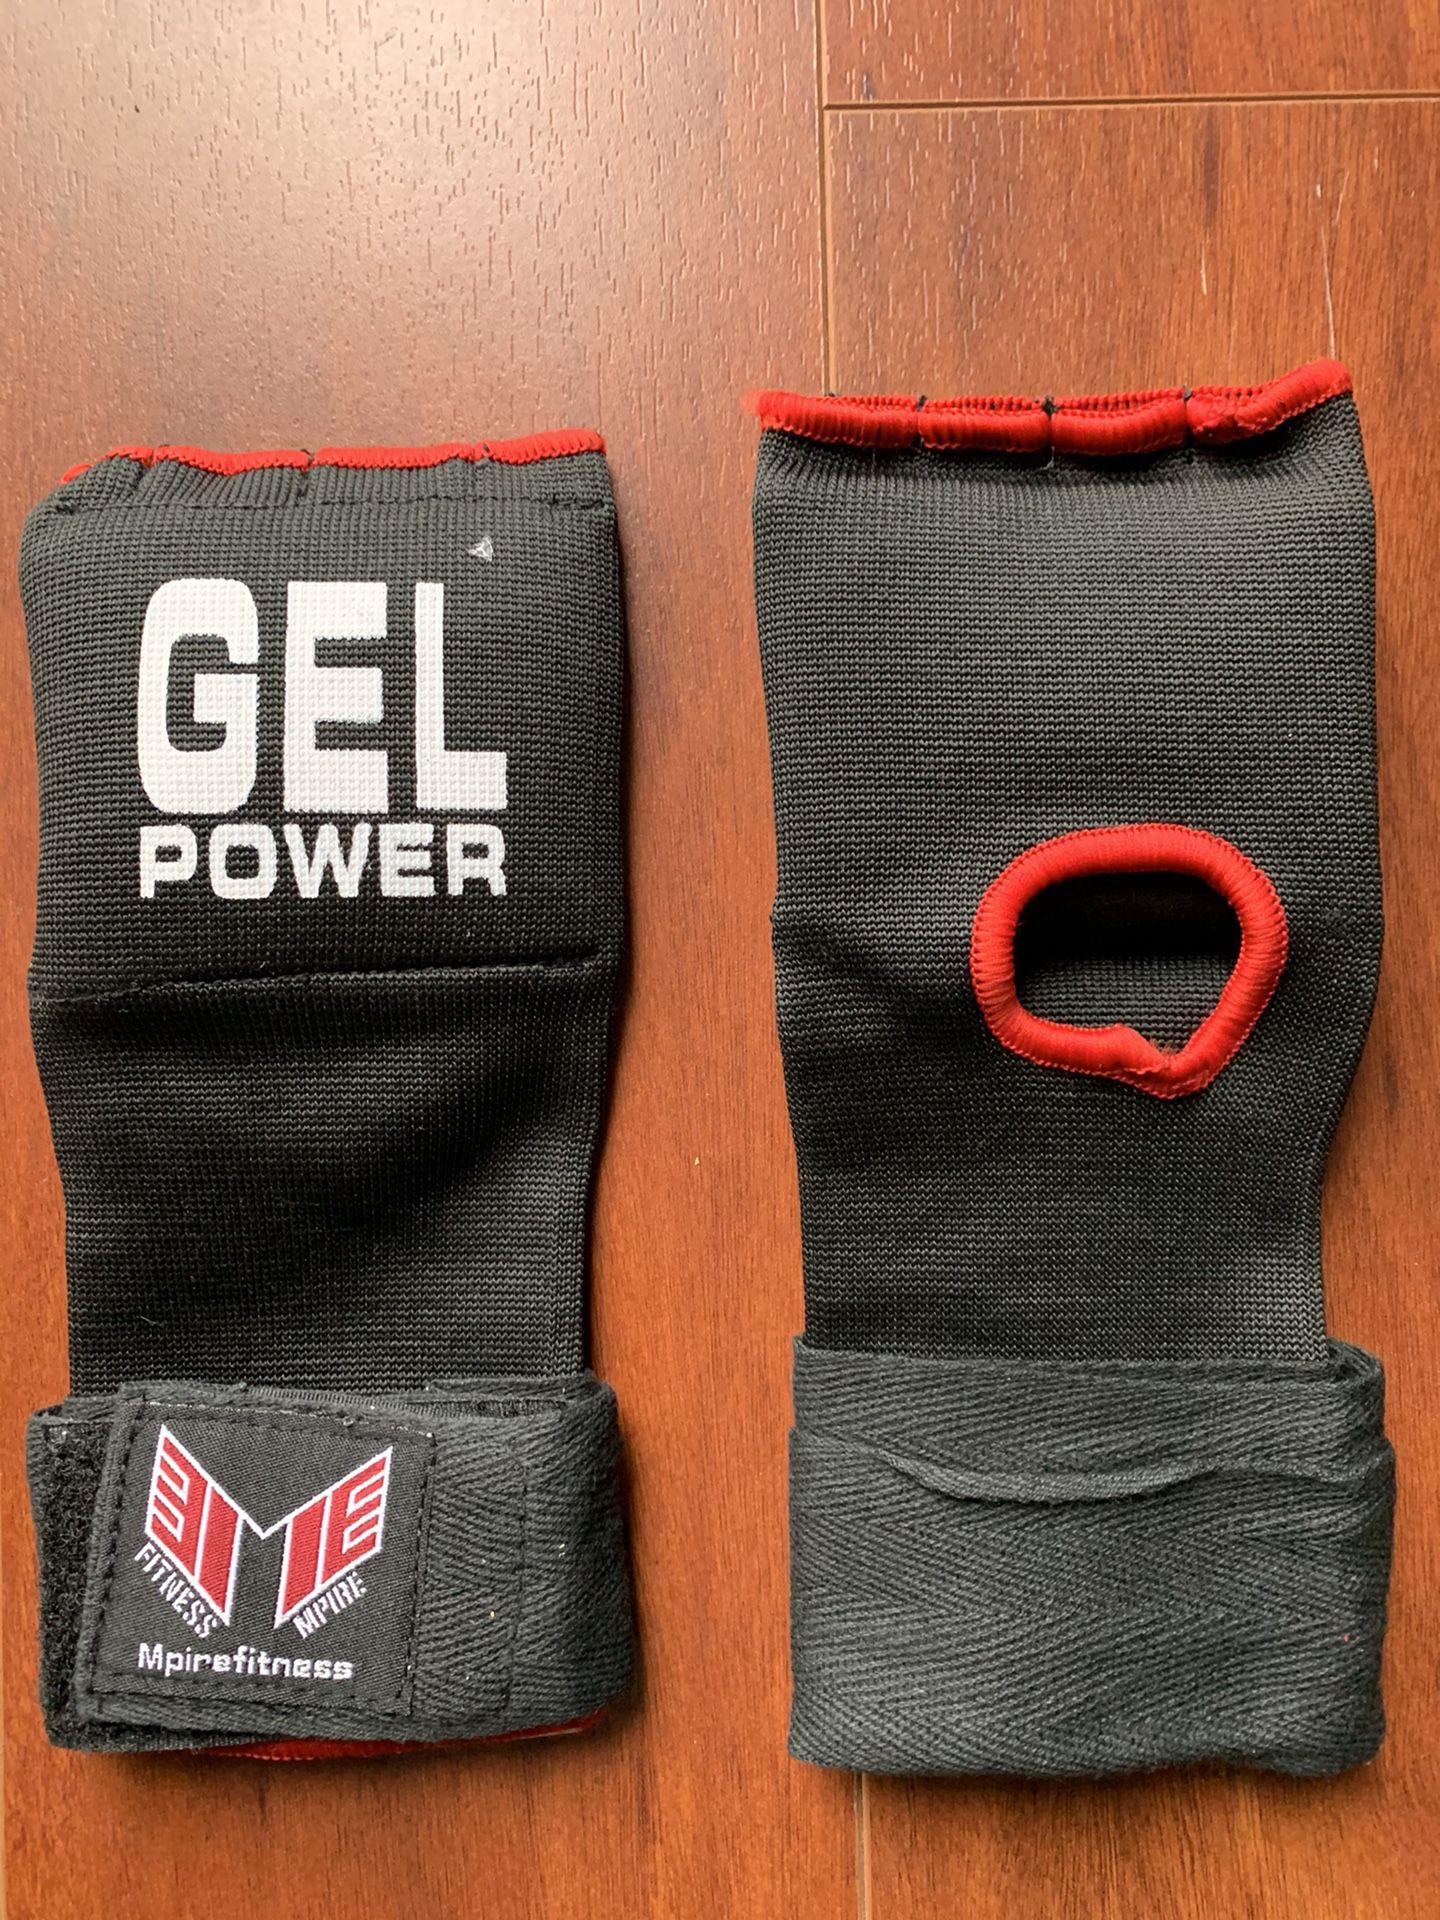 UFC Style boxing / Training Gloves